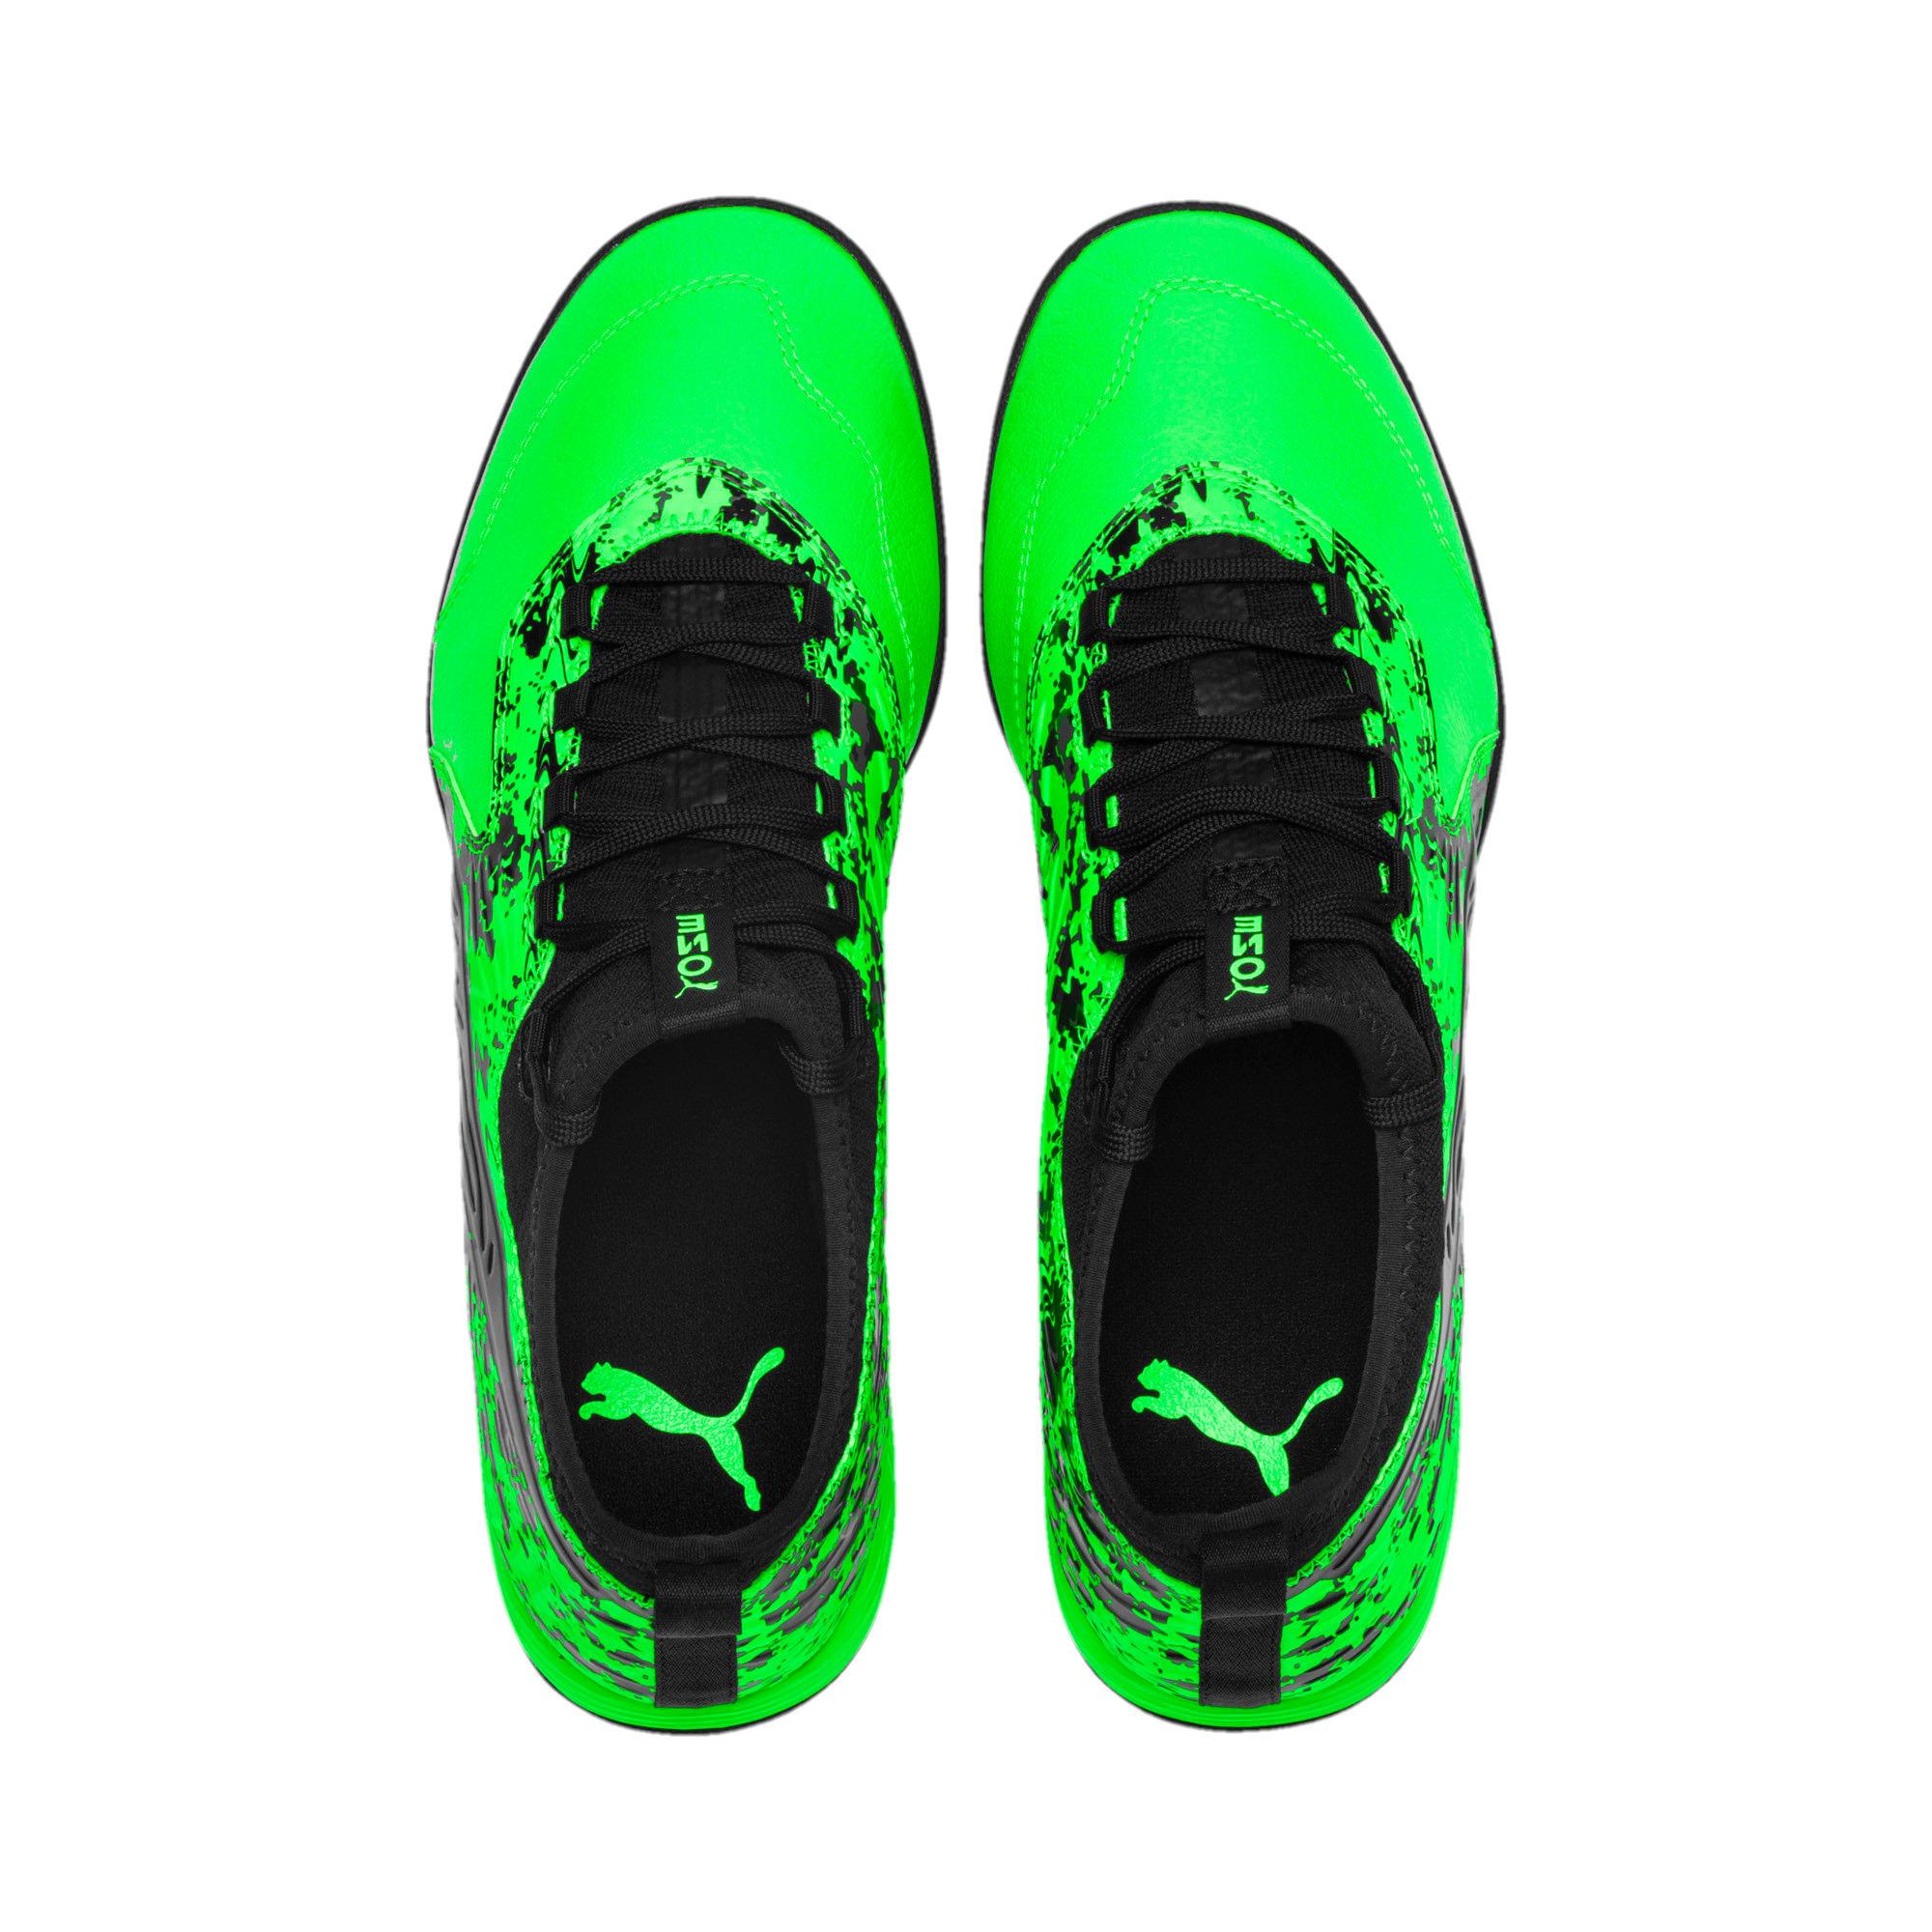 Miniatura 6 de Zapatos de fútbol PUMA ONE 19.3 TT para hombre, Green Gecko-Black-Gray, mediano